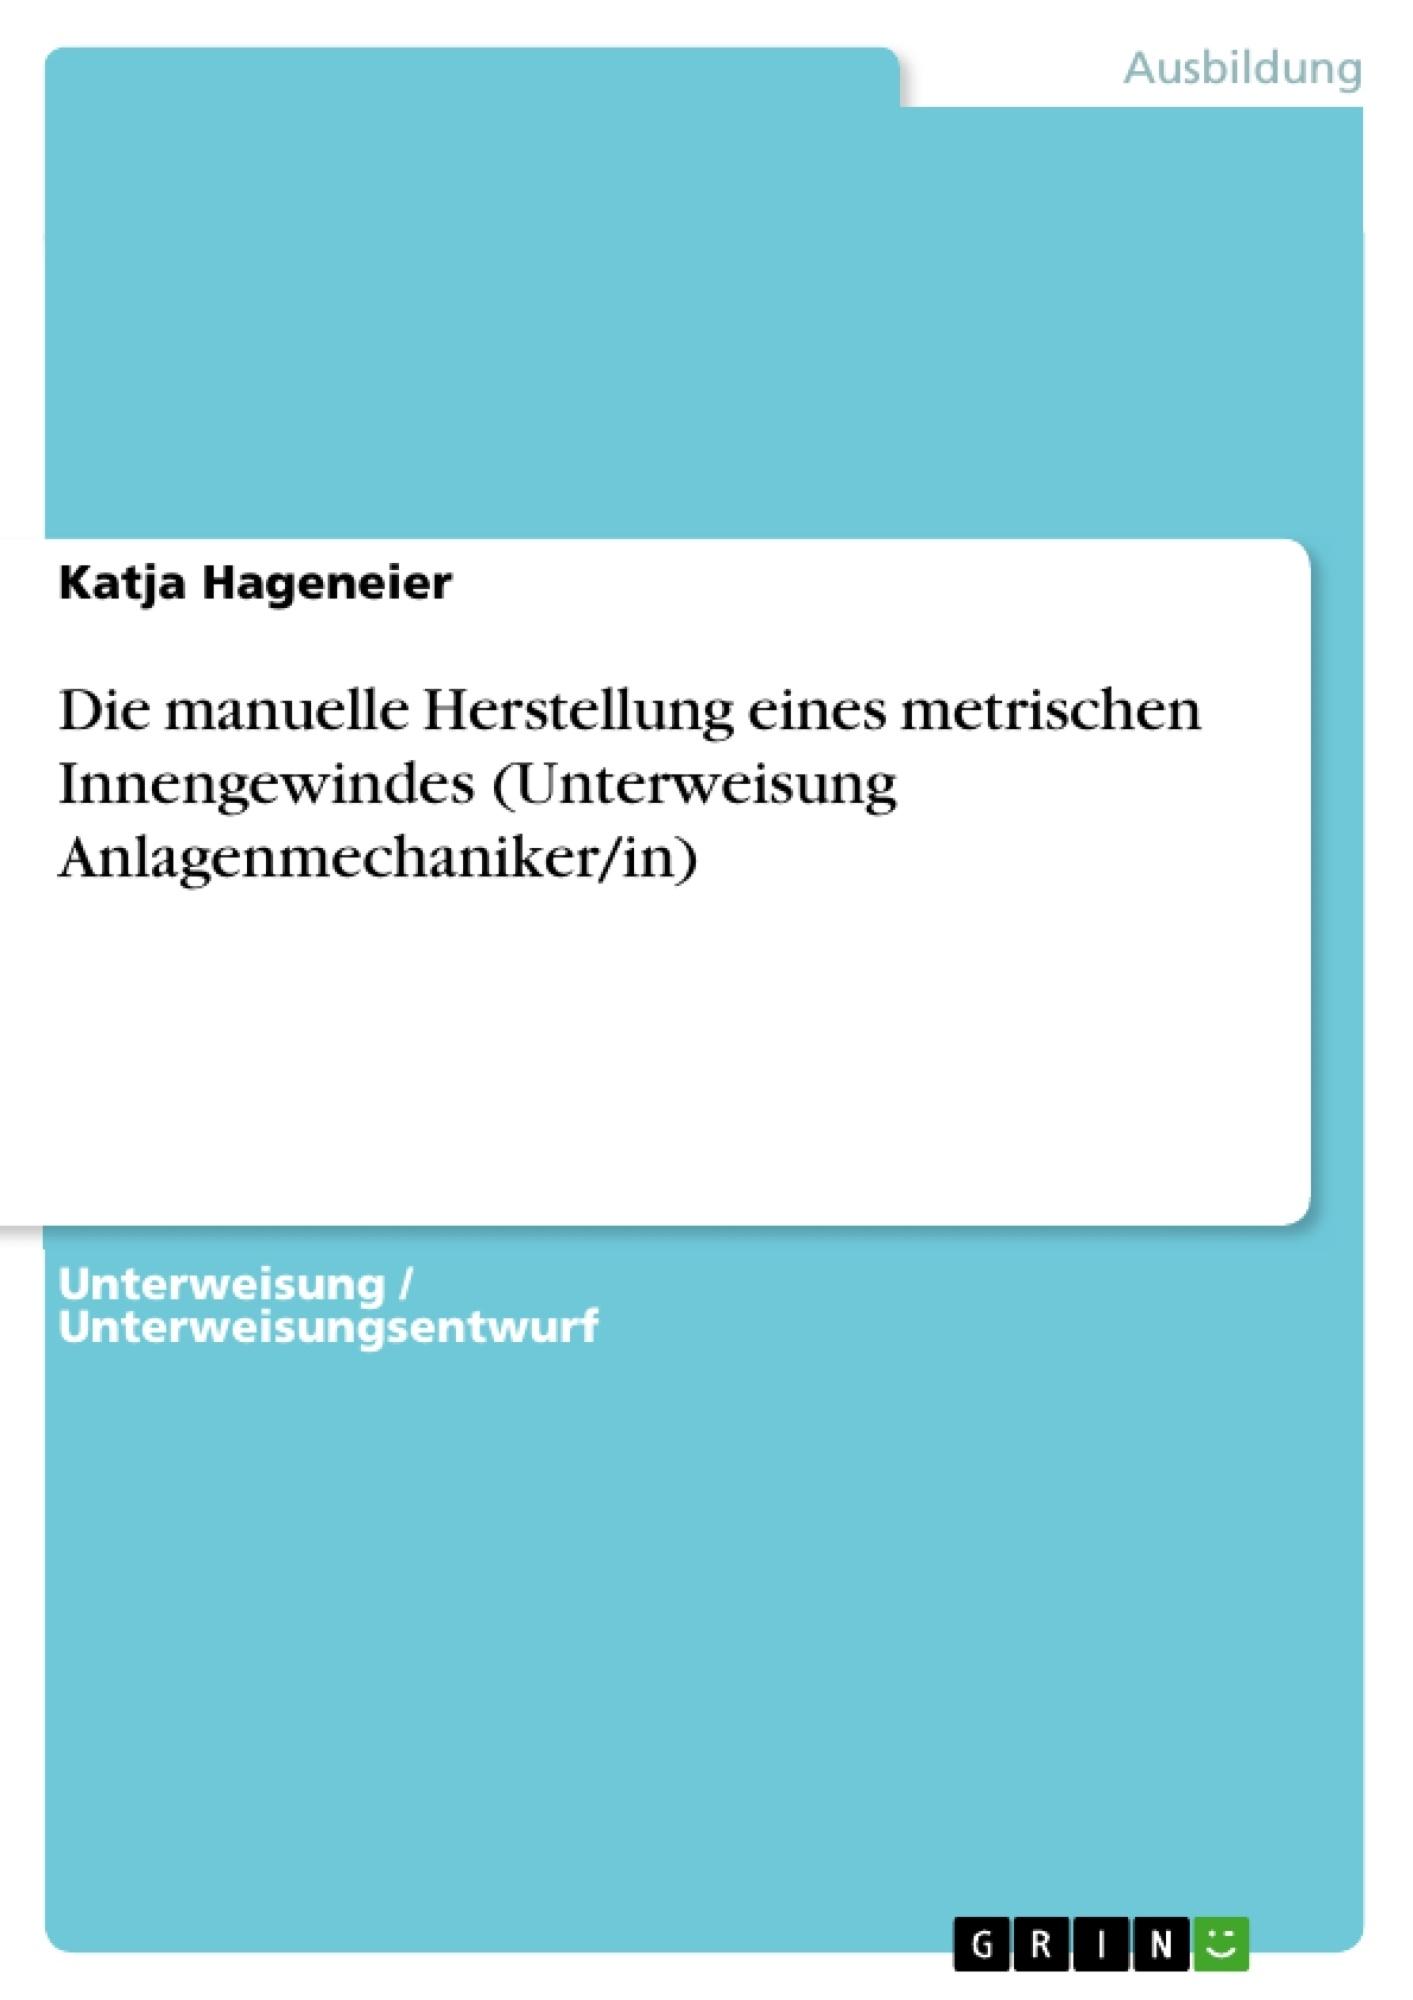 Titel: Die manuelle Herstellung eines metrischen Innengewindes (Unterweisung Anlagenmechaniker/in)